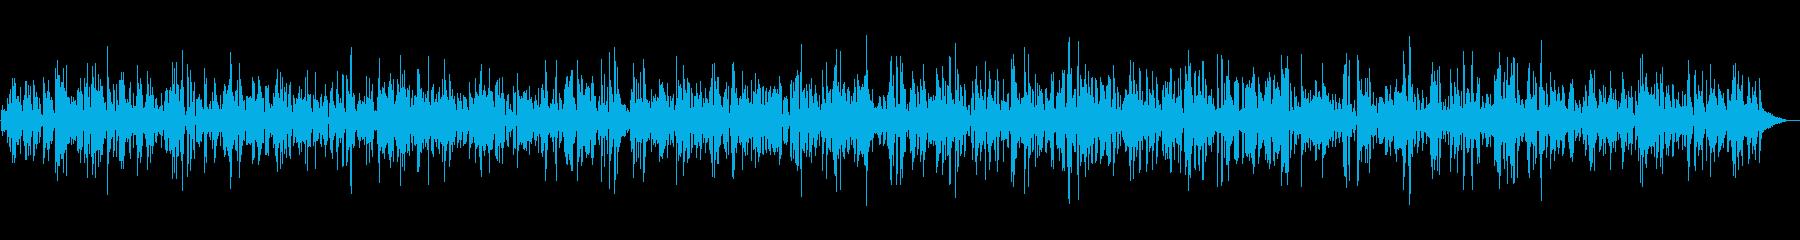 ゆったり癒し系ジャズ&ボサノバBGMの再生済みの波形